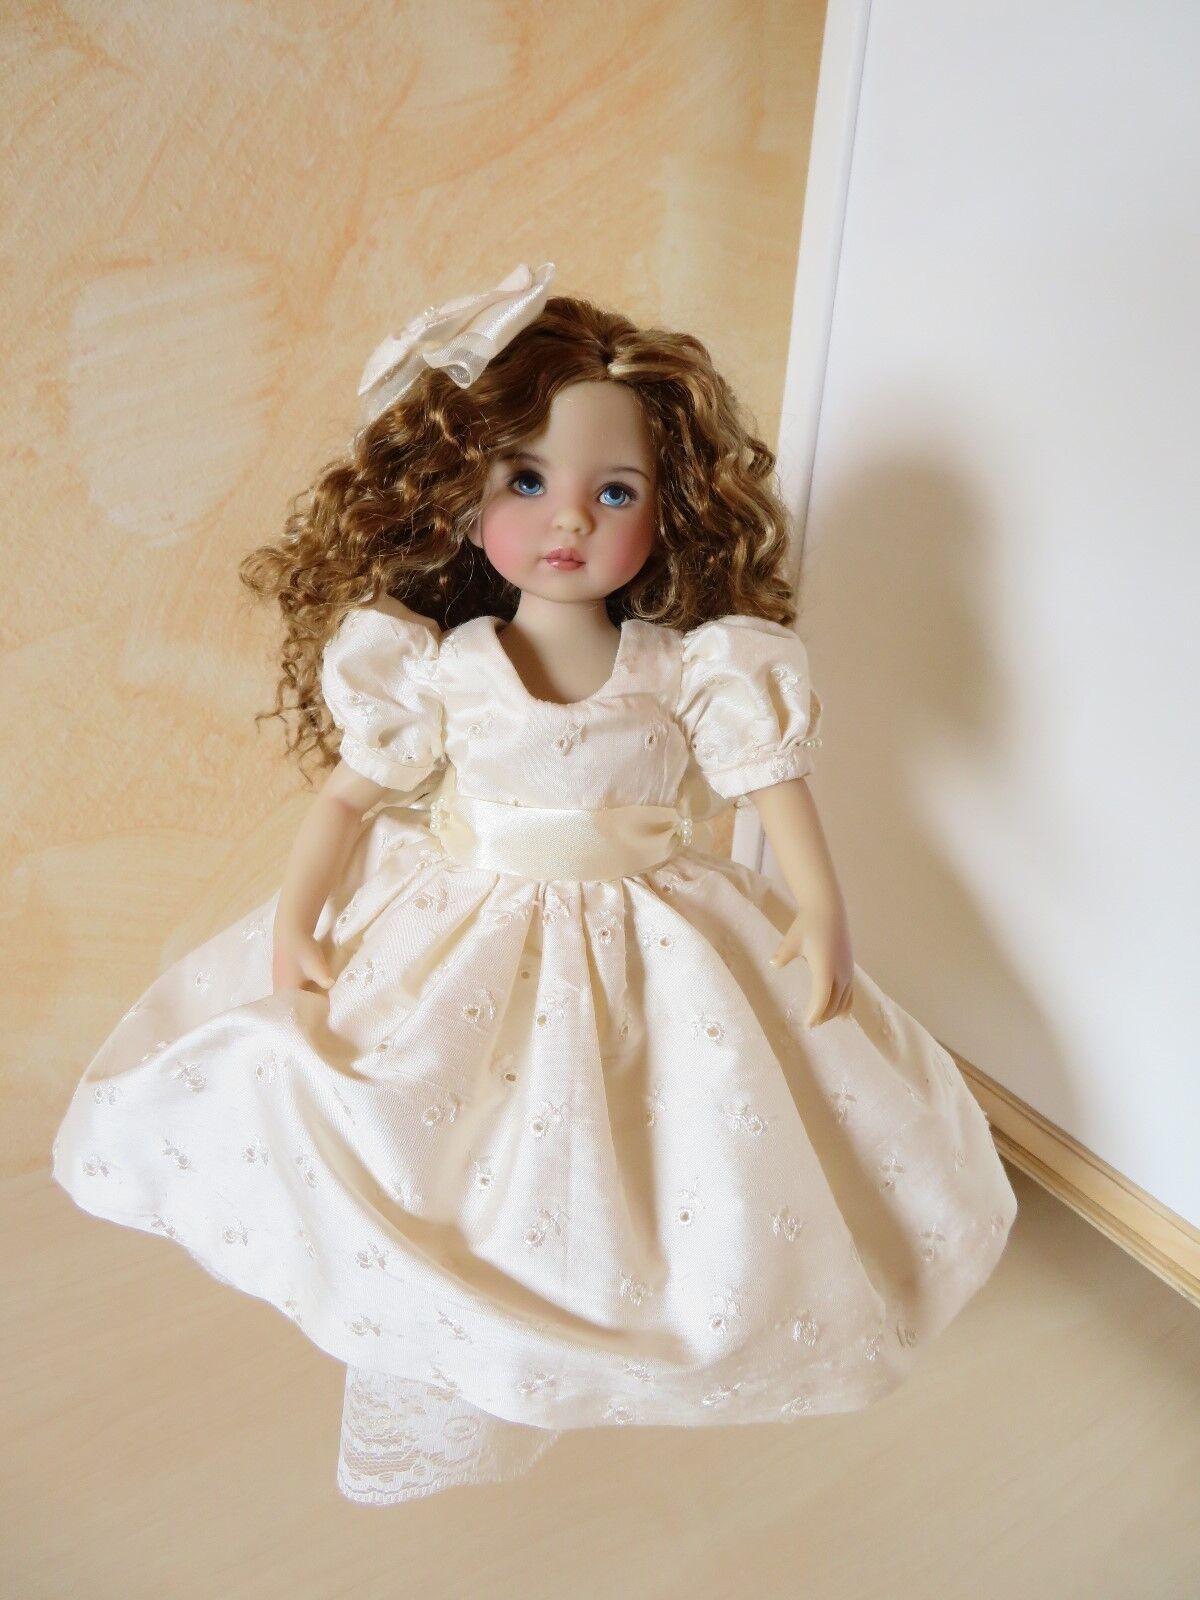 Unikat seta vestito, capelli fiocco; scarpe per Little darling Dianna Effner 13